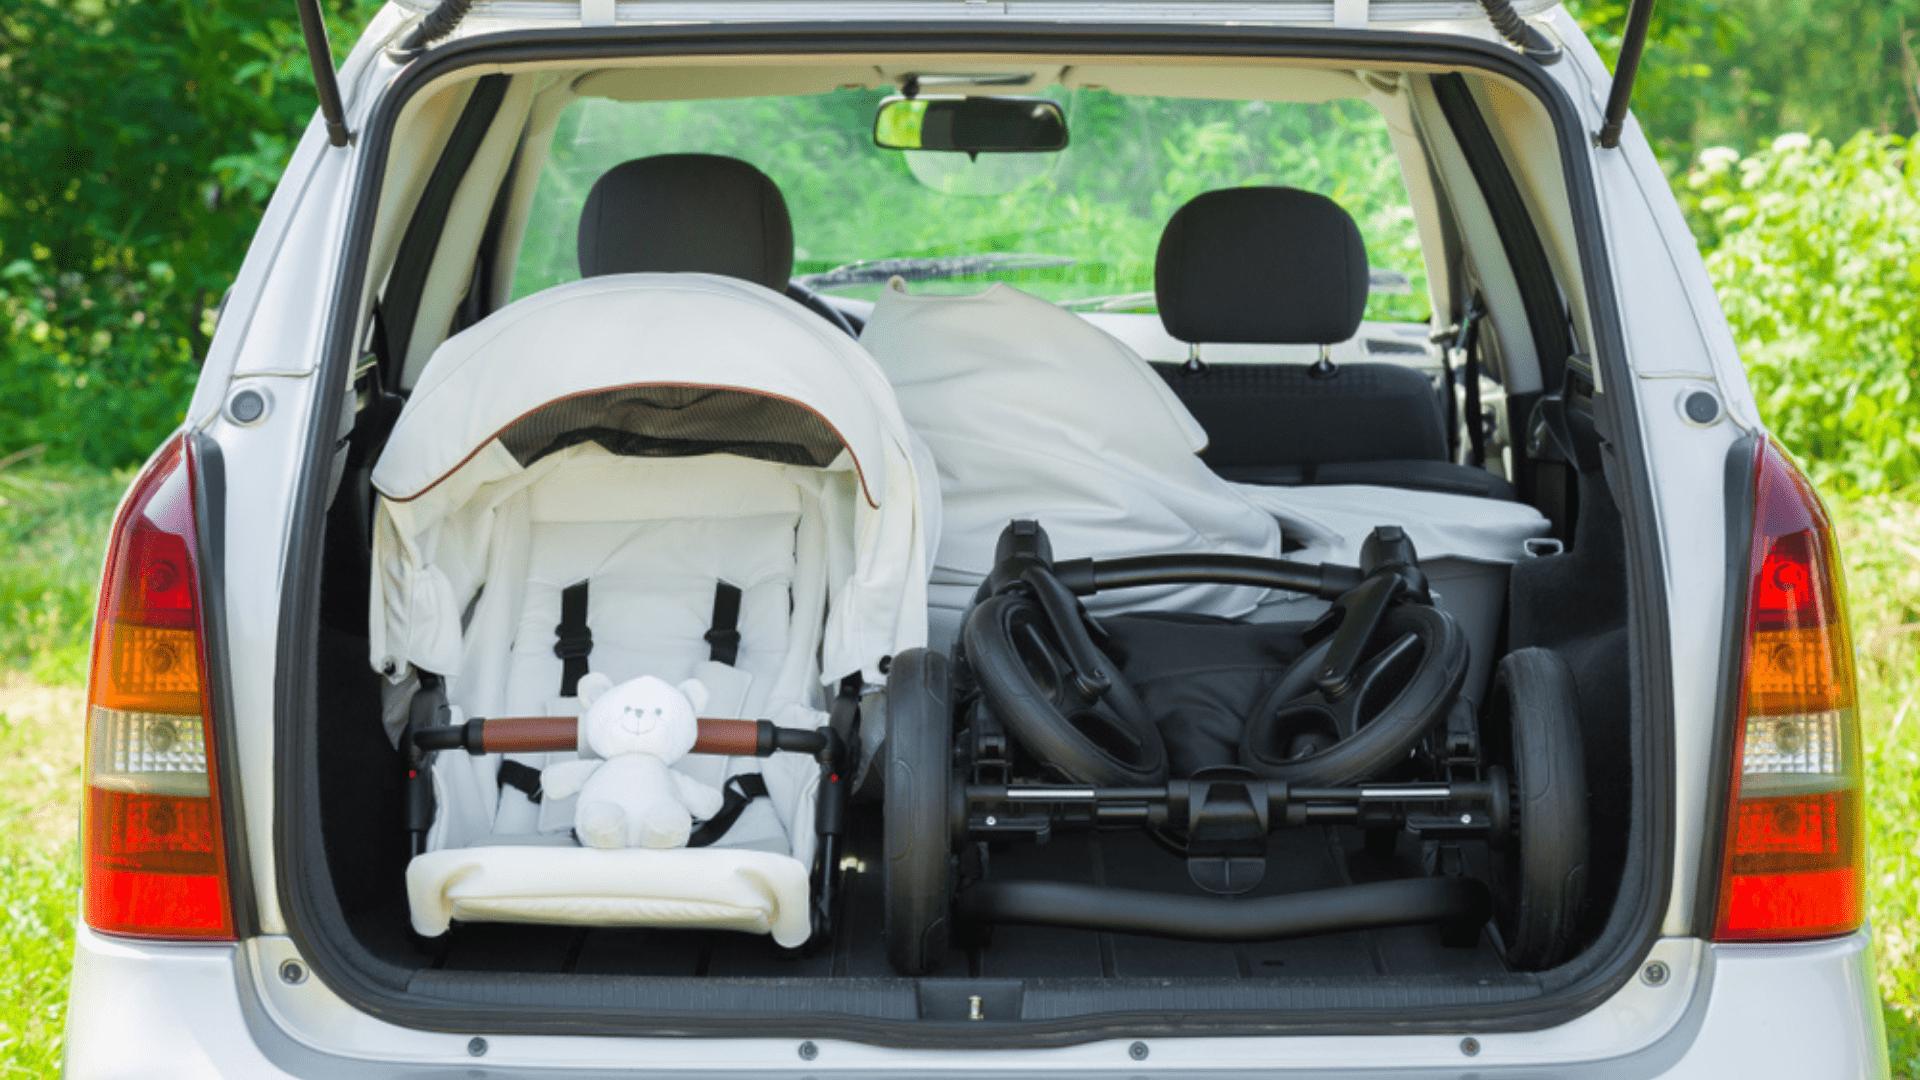 Veja a nossa seleção dos melhores carrinhos de bebê com bebê conforto de 2021! (Imagem: Reprodução/Shutterstock)